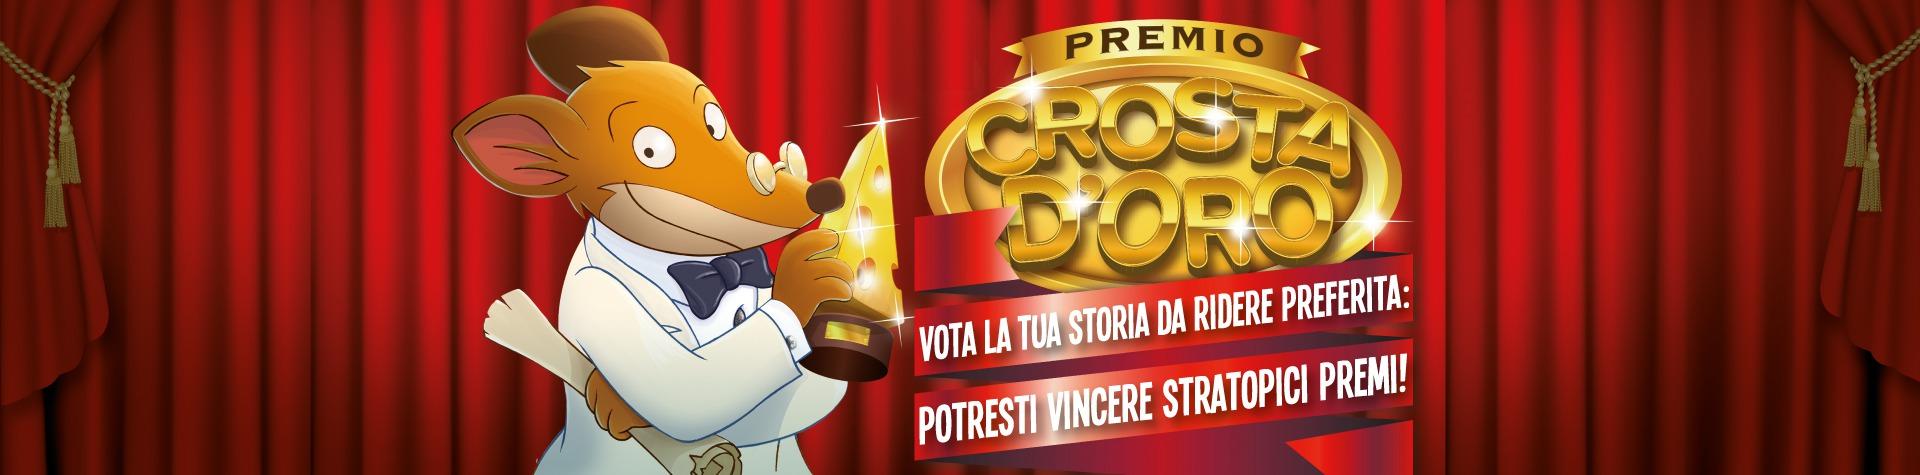 Premio Crosta d'oro